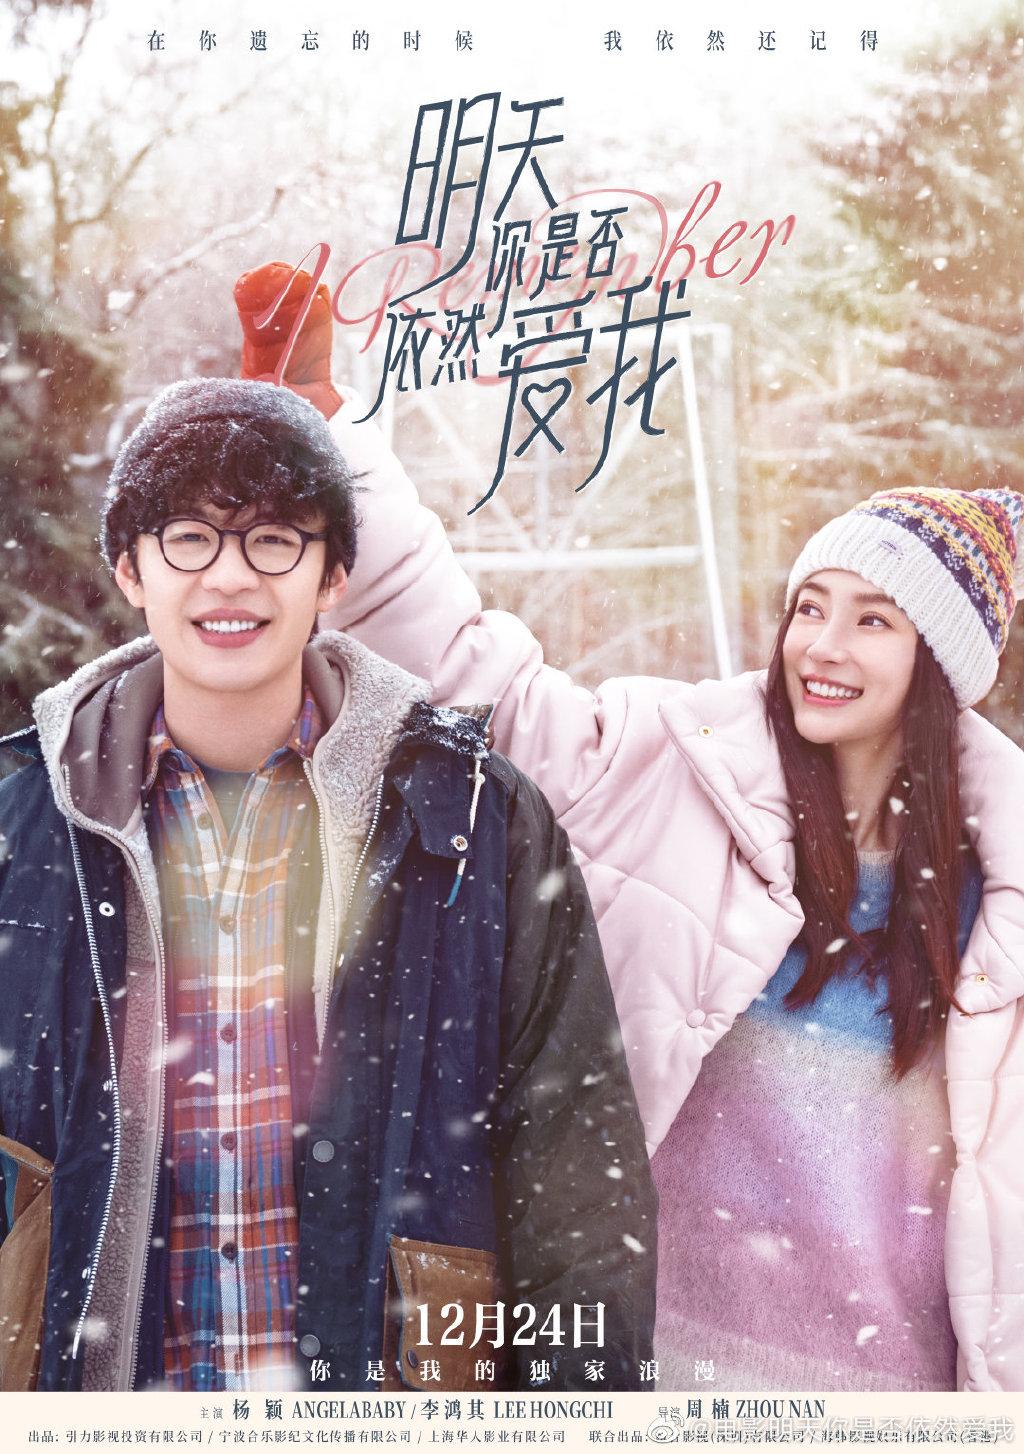 杨颖李鸿其主演电影《明天你是否依然爱我》定档12月24日图片